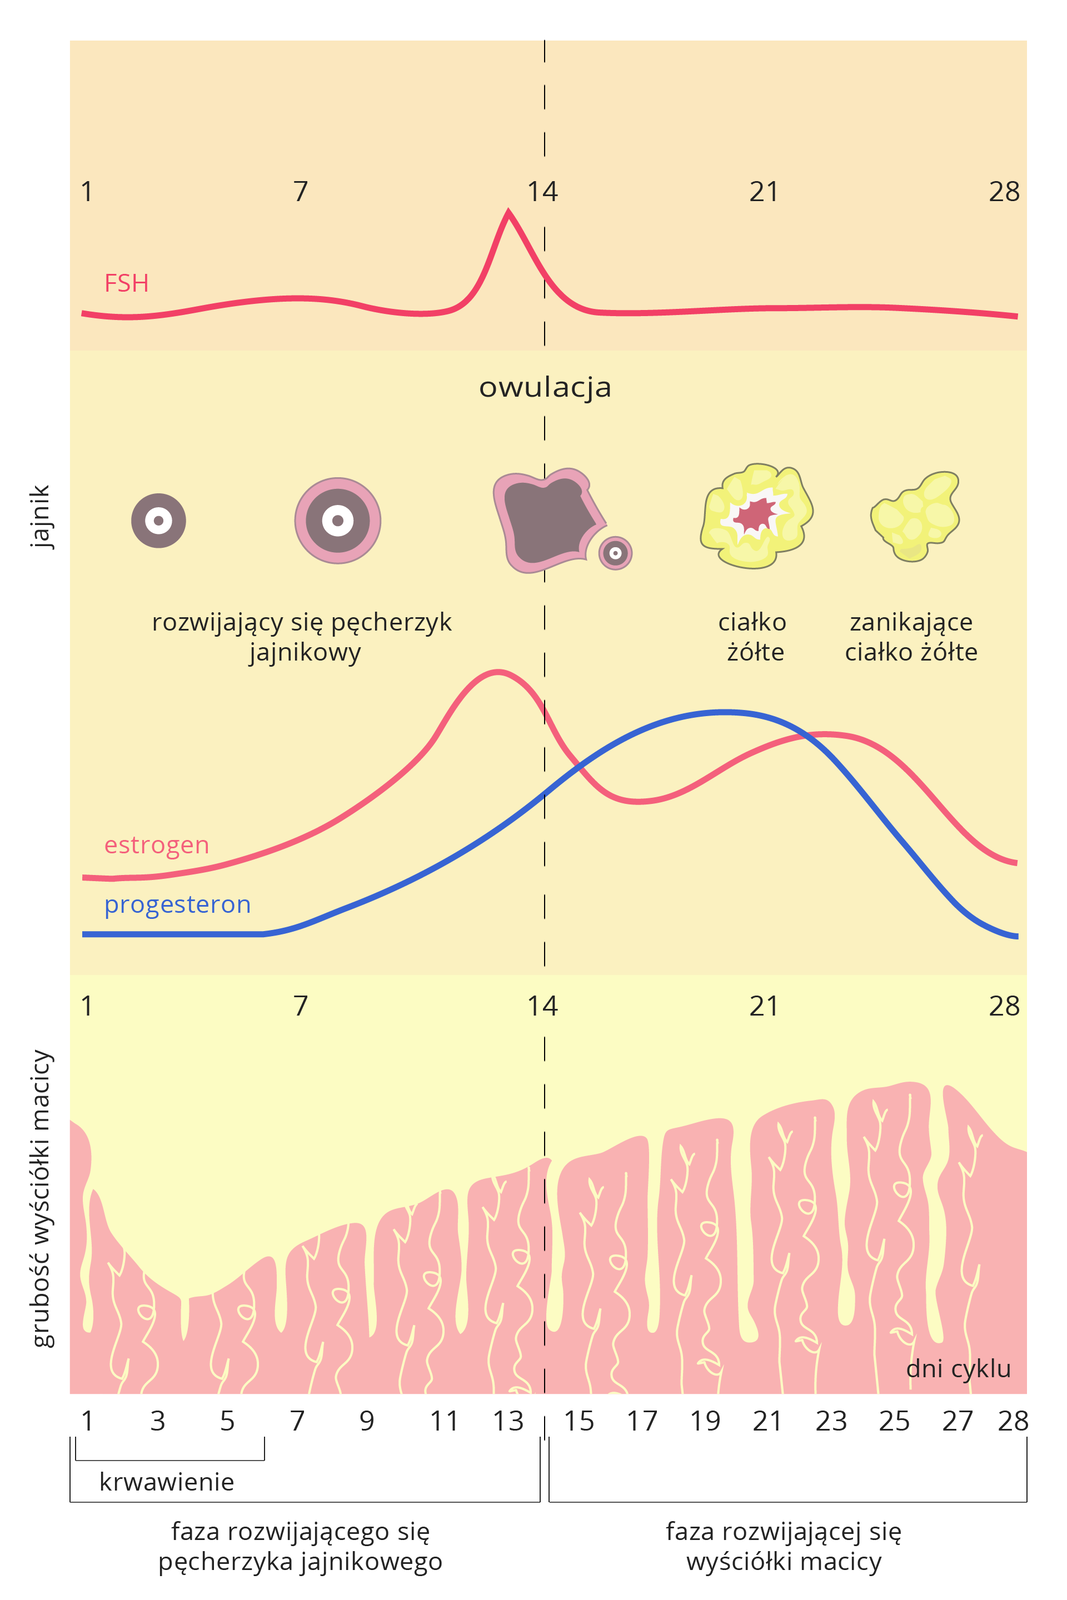 Ilustracja przedstawia schematycznie zmiany, zachodzące worganizmie kobiety podczas cyklu miesiączkowego. Udołu podpisane dni cyklu od 1 do 28. Nad dniami cyklu schematycznie wyściółka macicy, oróżnej grubości, zależnie od fazy cyklu. Wśrodku pionowa, przerywana linia, oznaczająca moment owulacji. Różowa linia ugóry zcyfrą jeden oznacza poziom hormonu FSH. Strzałka wskazuje pobudzenie rozwoju pęcherzyka jajnikowego (różowo- brązowe kółeczko), owulację izanikanie ciałka żółtego. Linia niżej zcyfrą 3 to poziom estrogenów. Strzałka wdół wskazuje wpływ pobudzający na błonę śluzową macicy. Błękitna linia zcyfrą 2 oznacza poziom progesteronu. Strzałka od niej wskazuje wpływ hamujący na wyściółkę macicy.